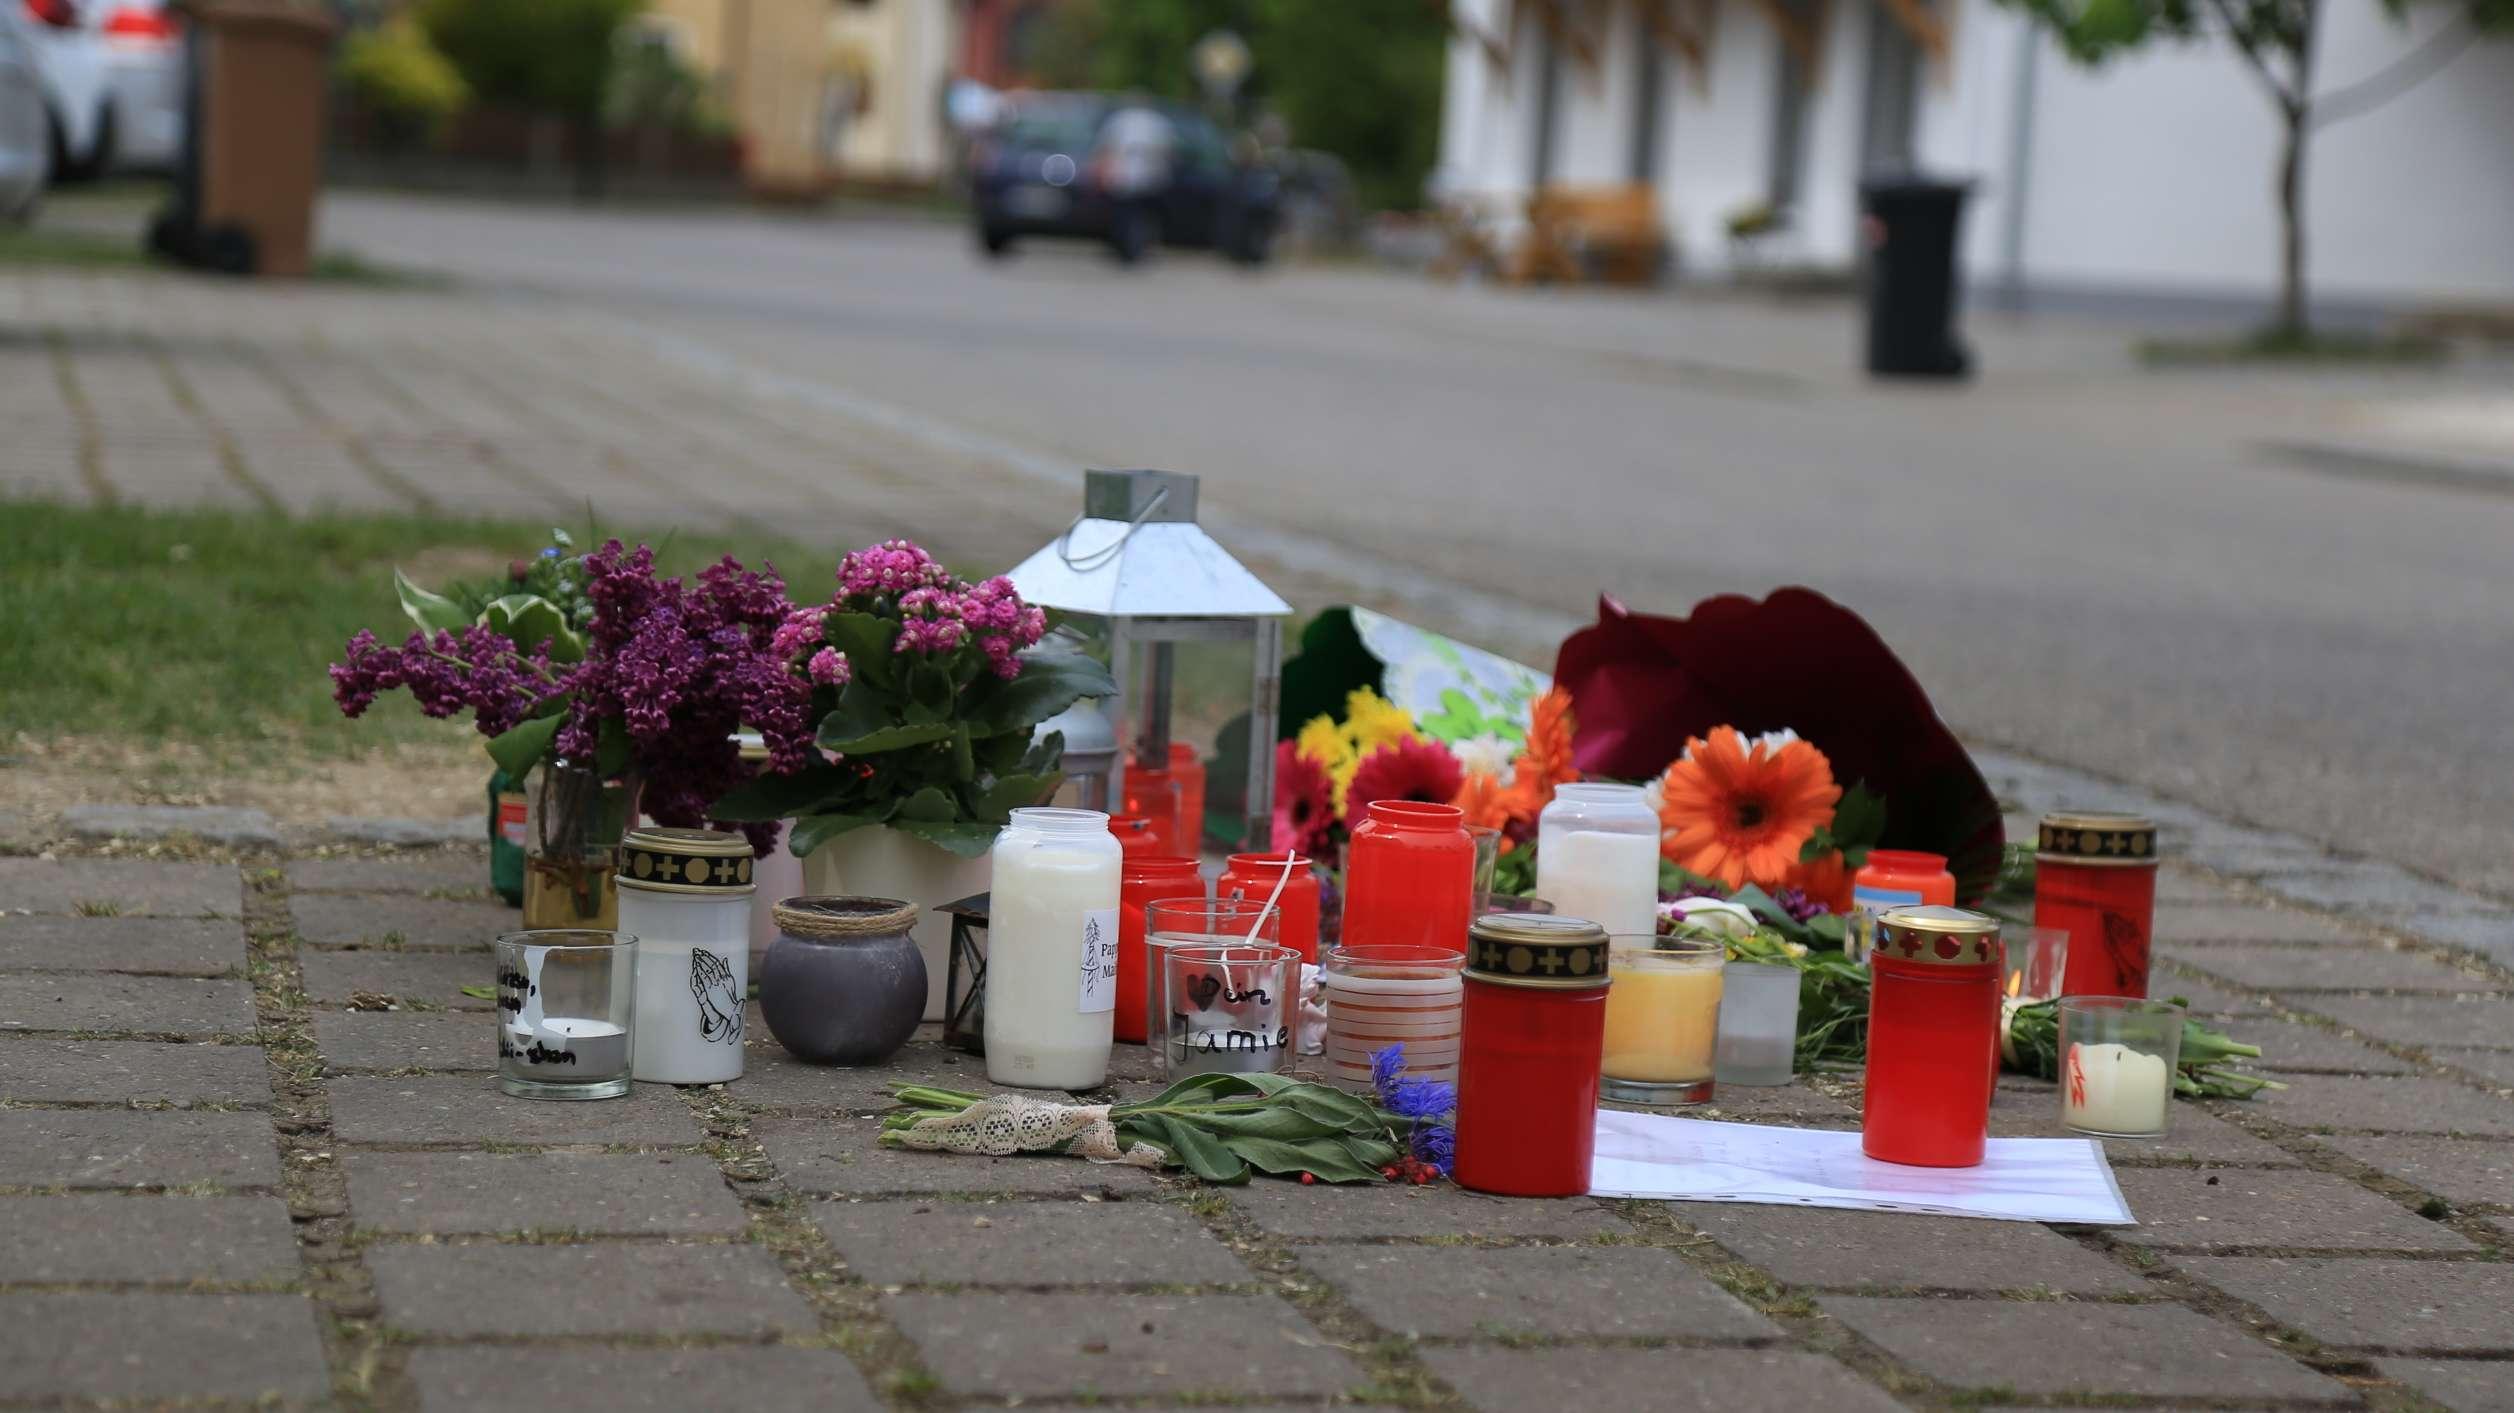 30. April 2018: In Wettelsheim (Lkr. Weißenburg-Gunzenhausen) kommt es zu einem tragischen Maibaum-Unglück, bei dem eine Frau stirbt.